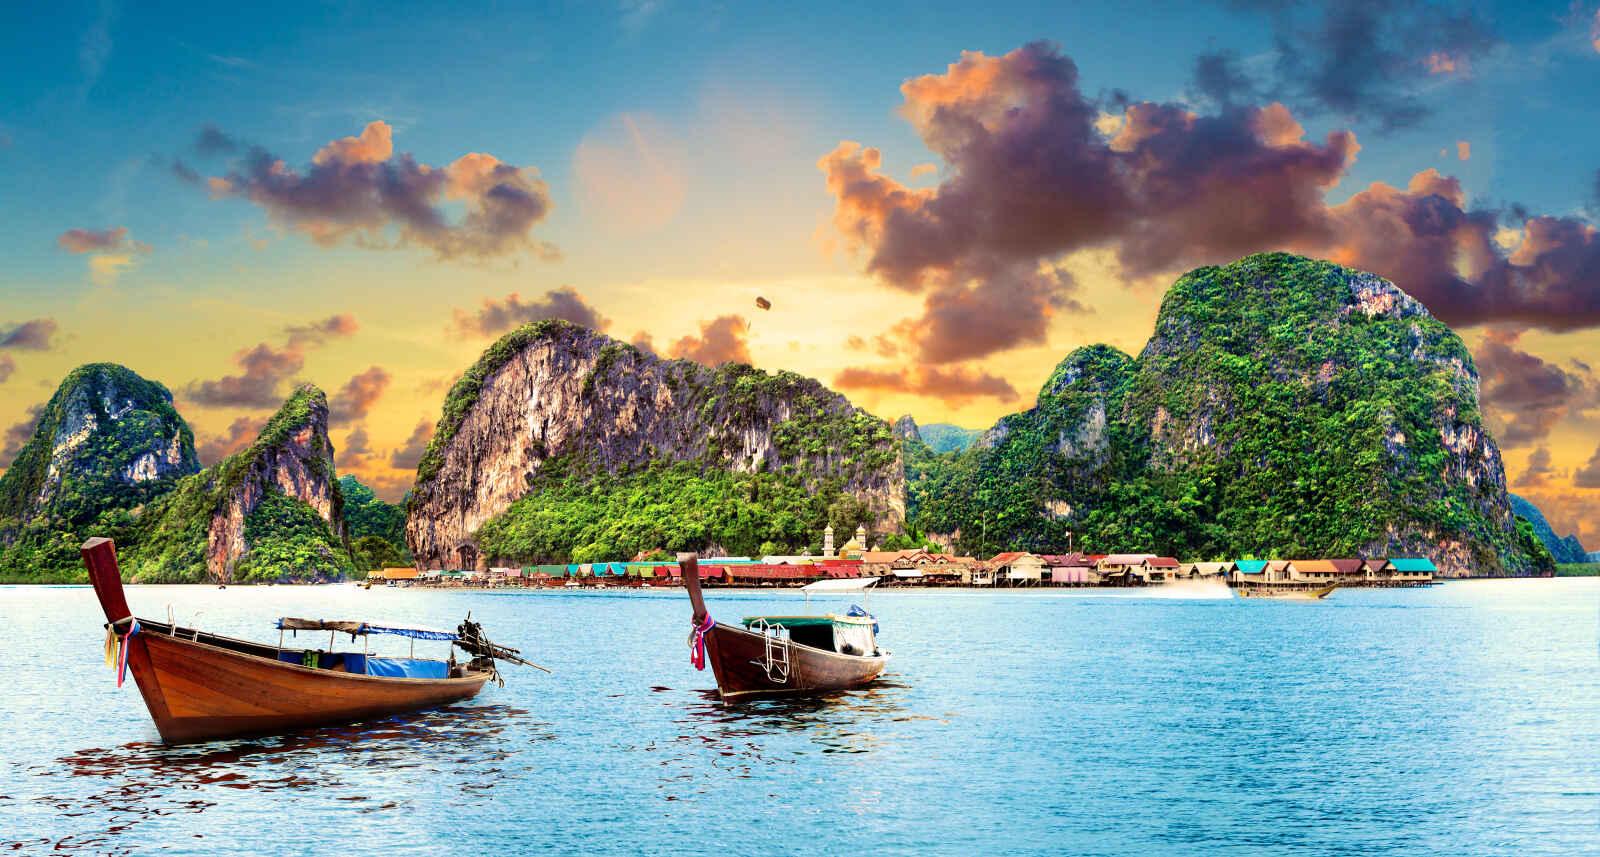 Thaïlande : Secrets thaïlandais (îles du sud)